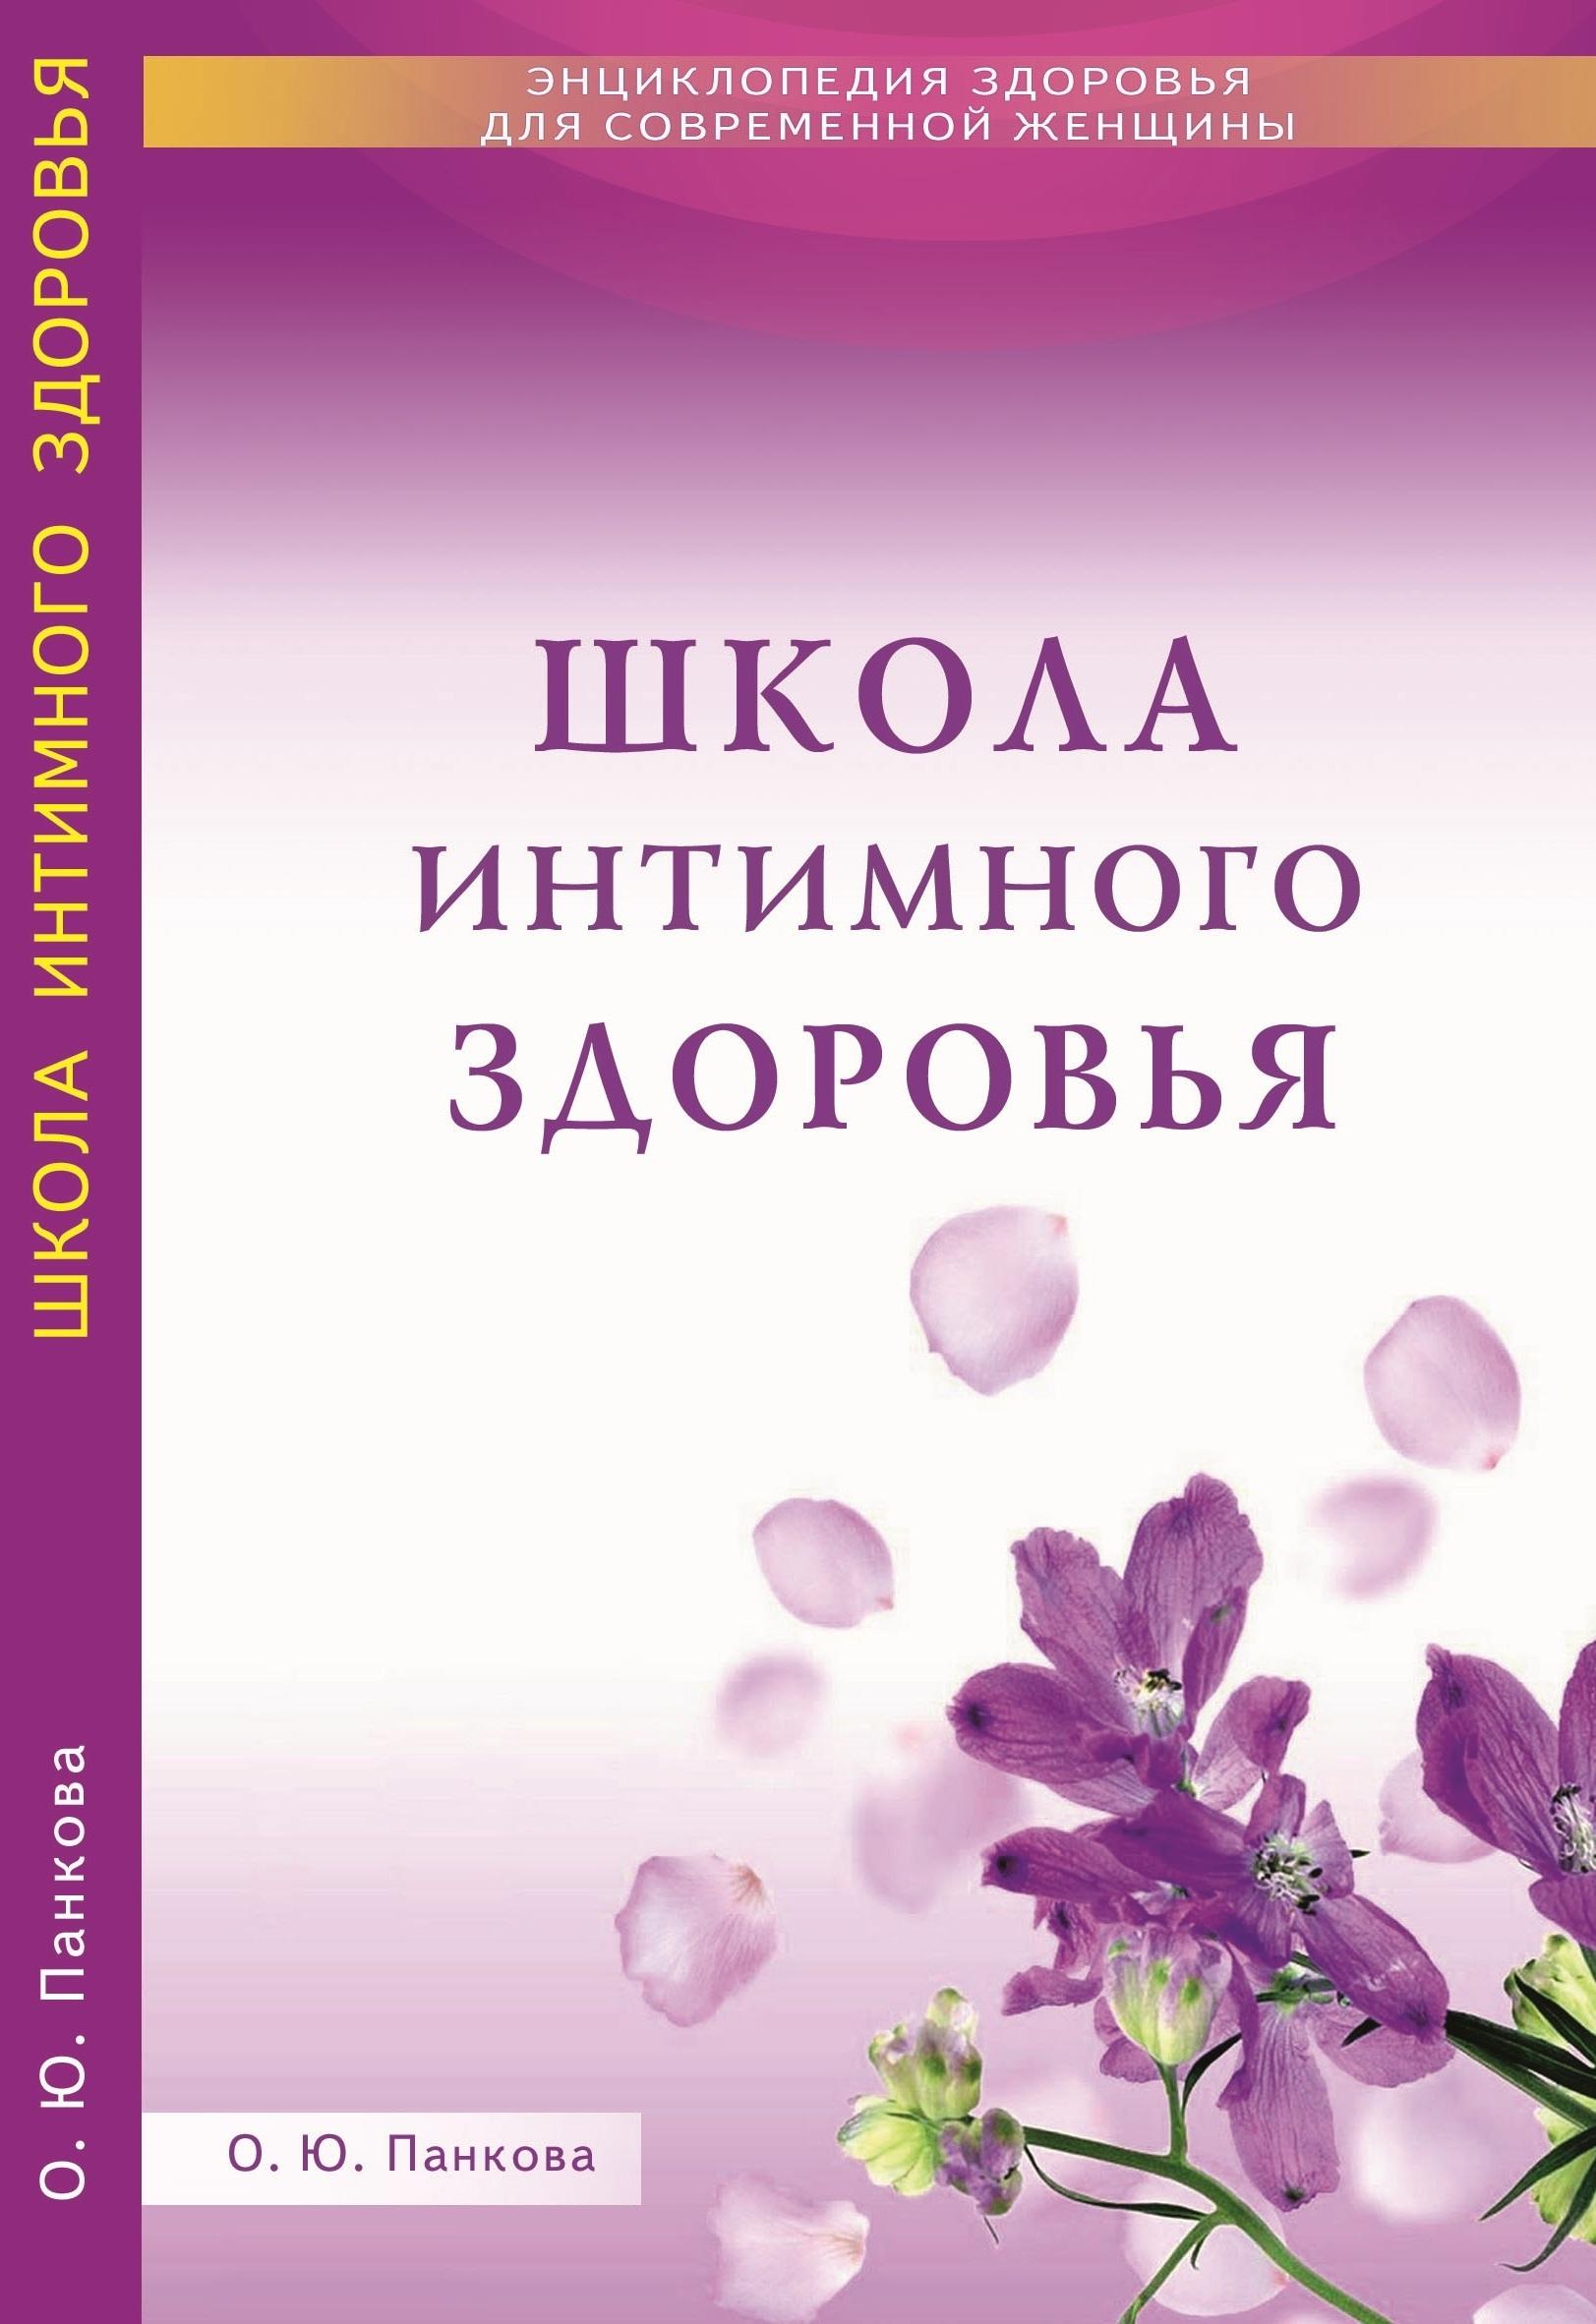 Самые популярные эротические книги 1 фотография